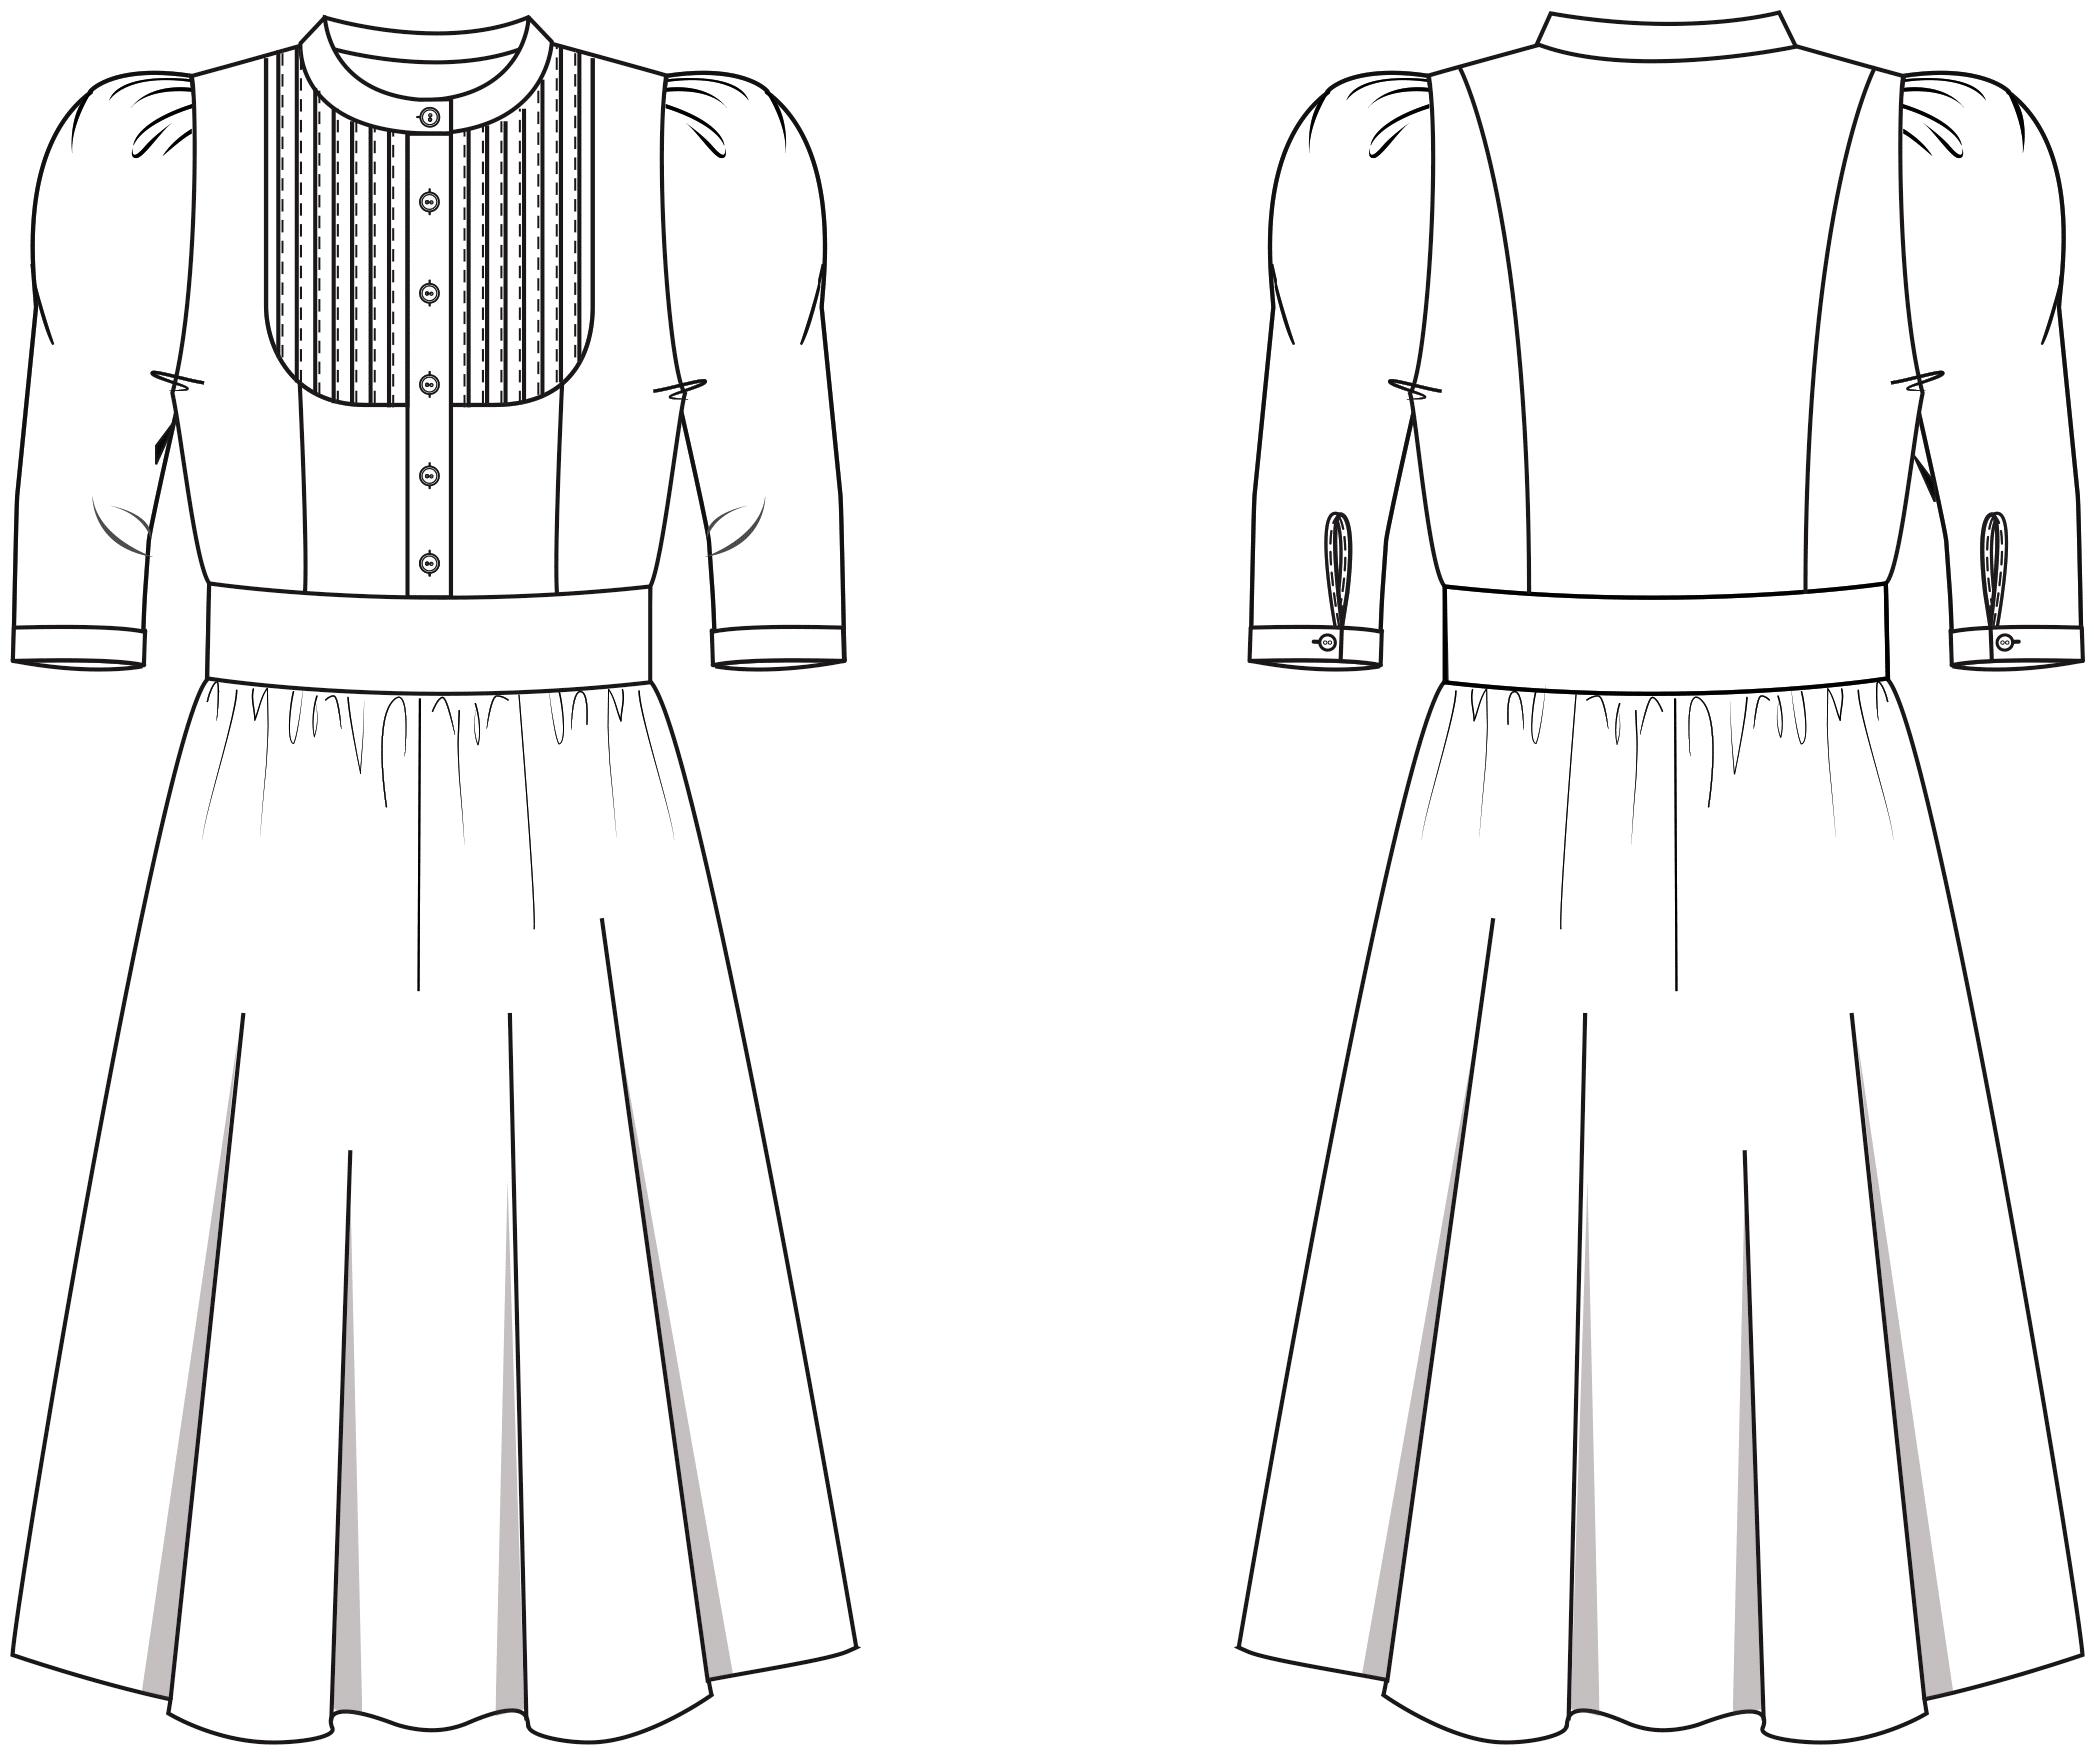 Die Vorder- und Rückansicht der technische Zeichnung eines Trachtenkleides ist zu sehen. Diesen Schnitt findet man auf einem Schnittmusterbogen.